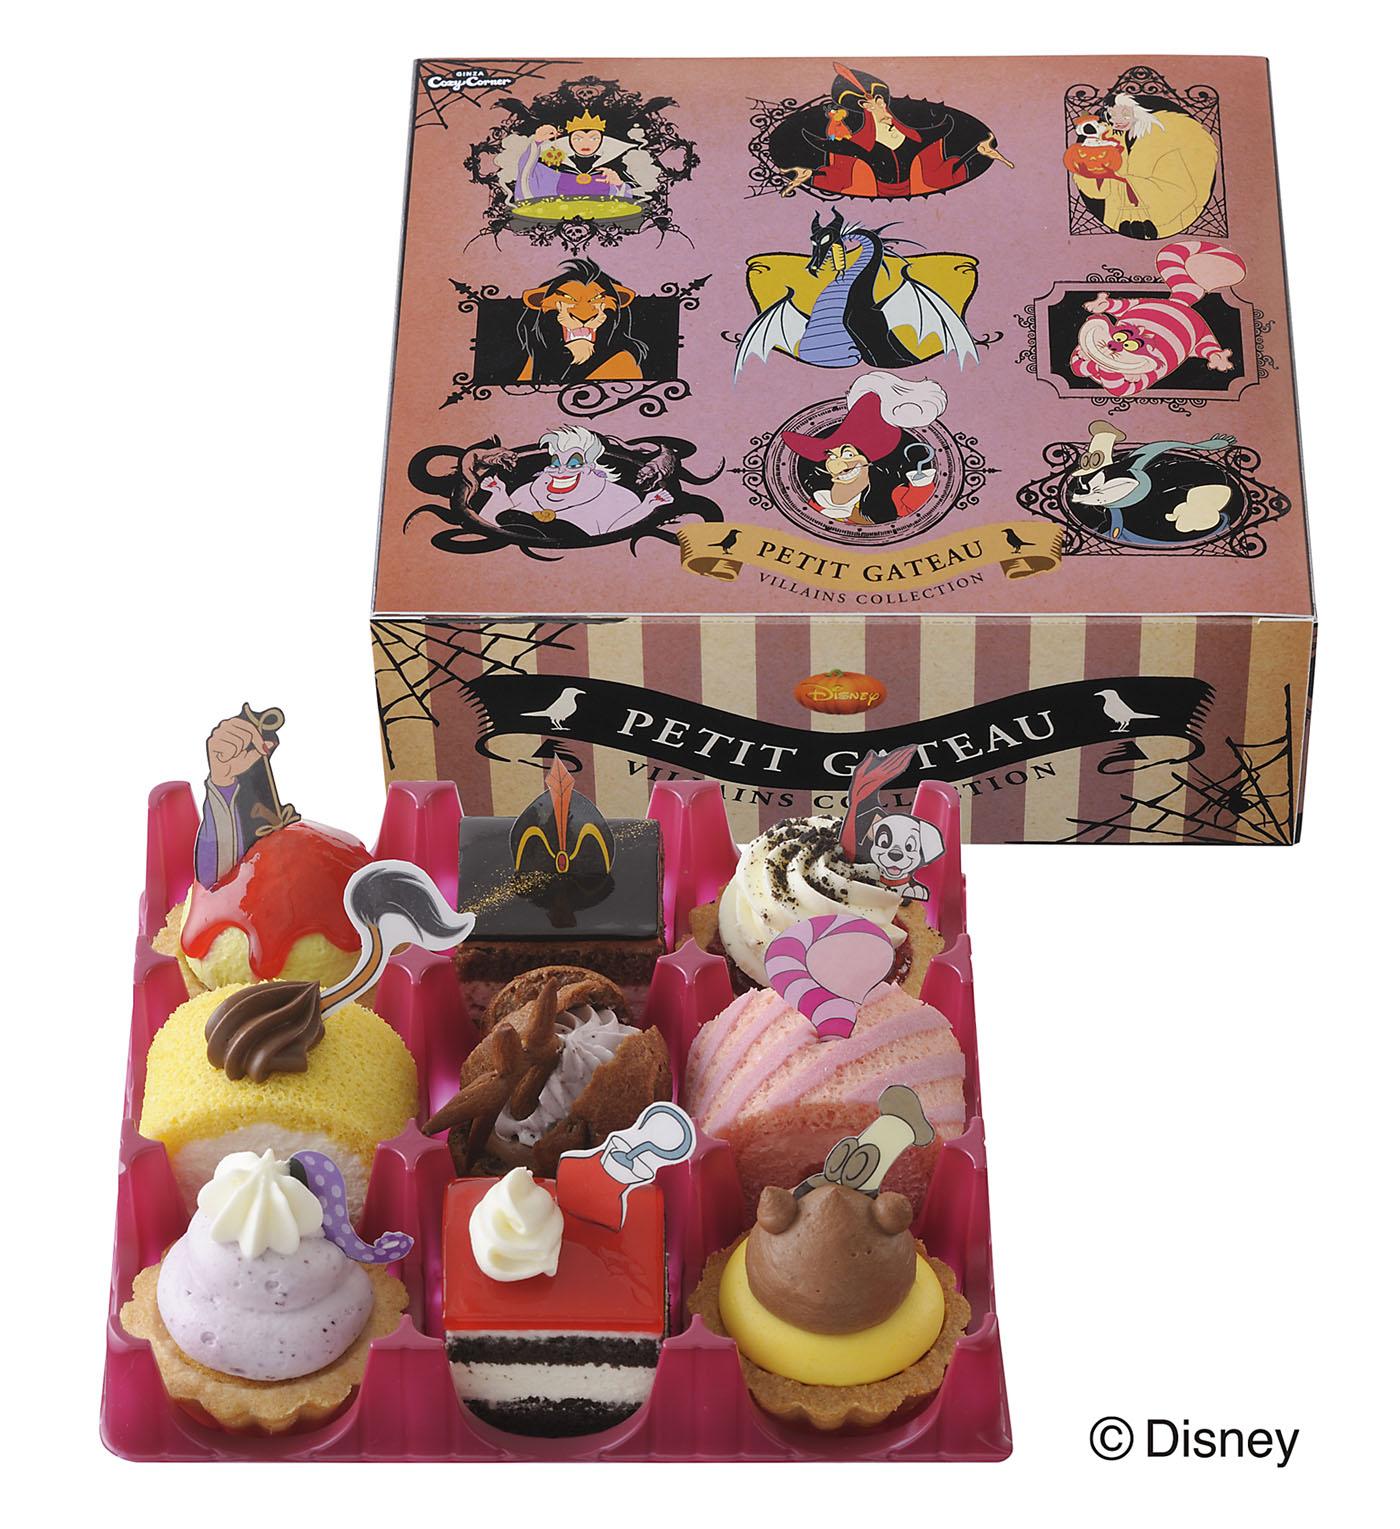 コージーコーナー ディズニー・デザインのハロウィン限定ケーキ